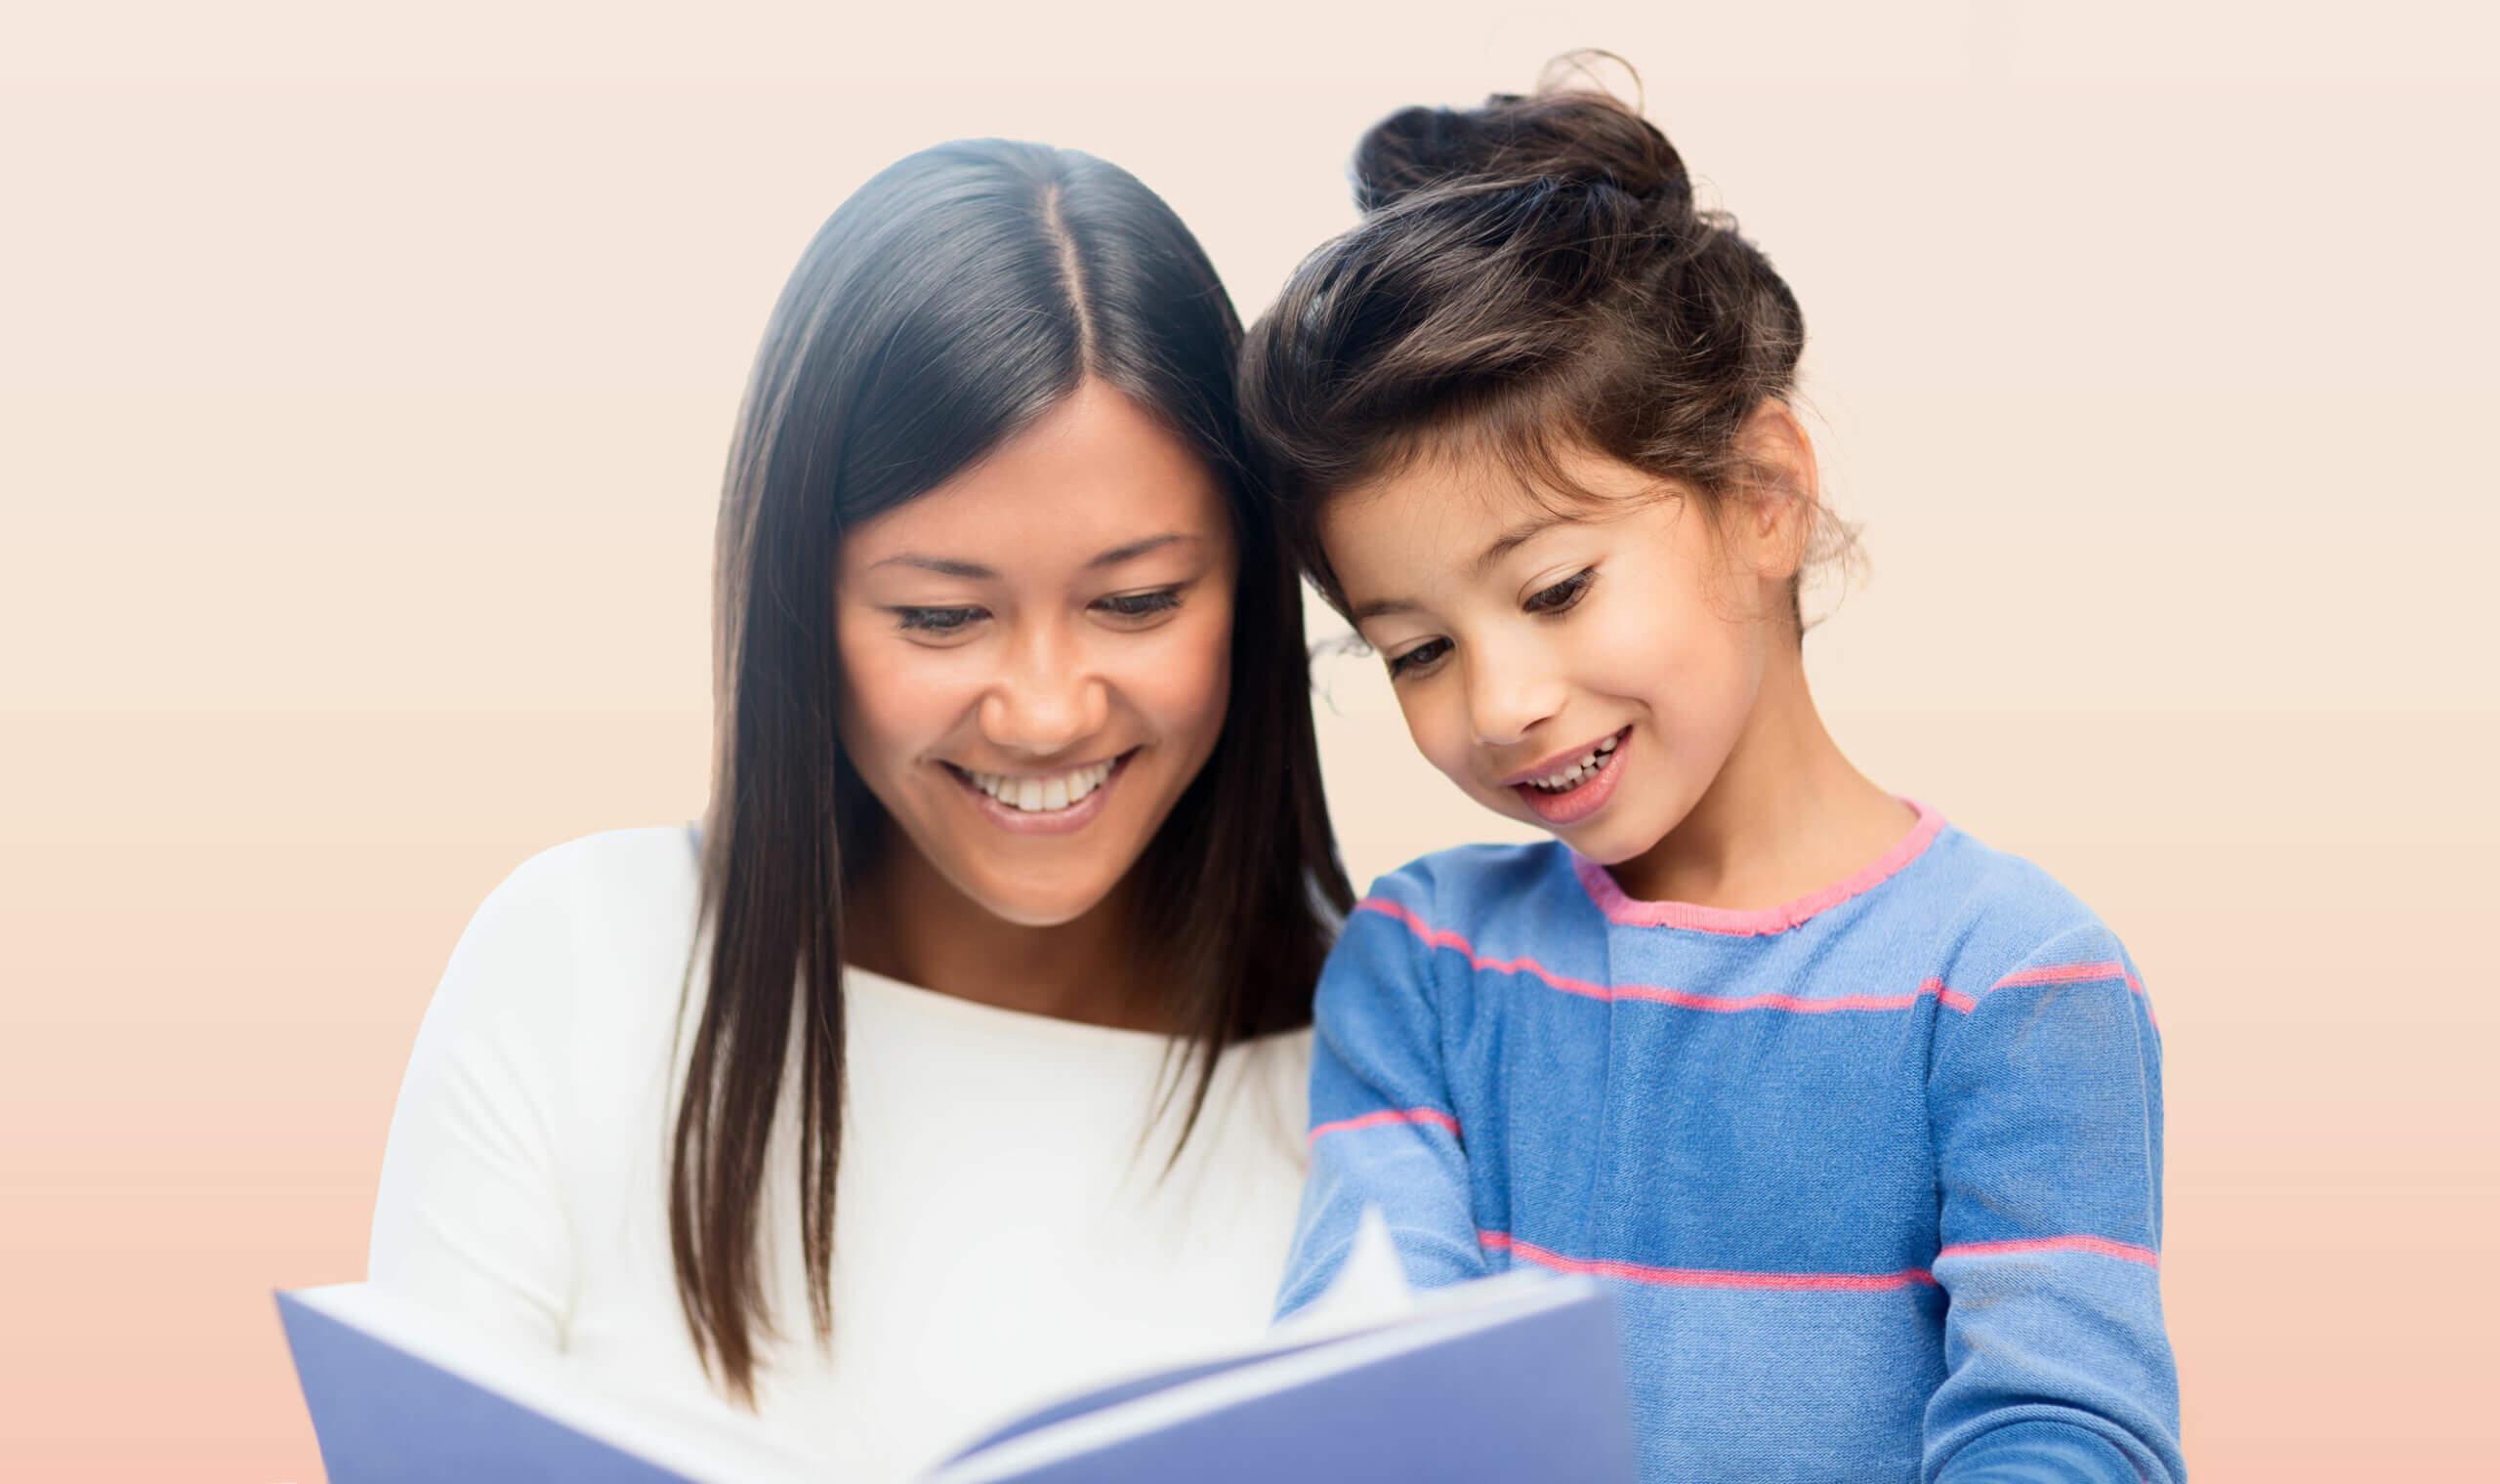 Mamá leyéndole uno de los cuentos que hablan de la menstruación a su hija.